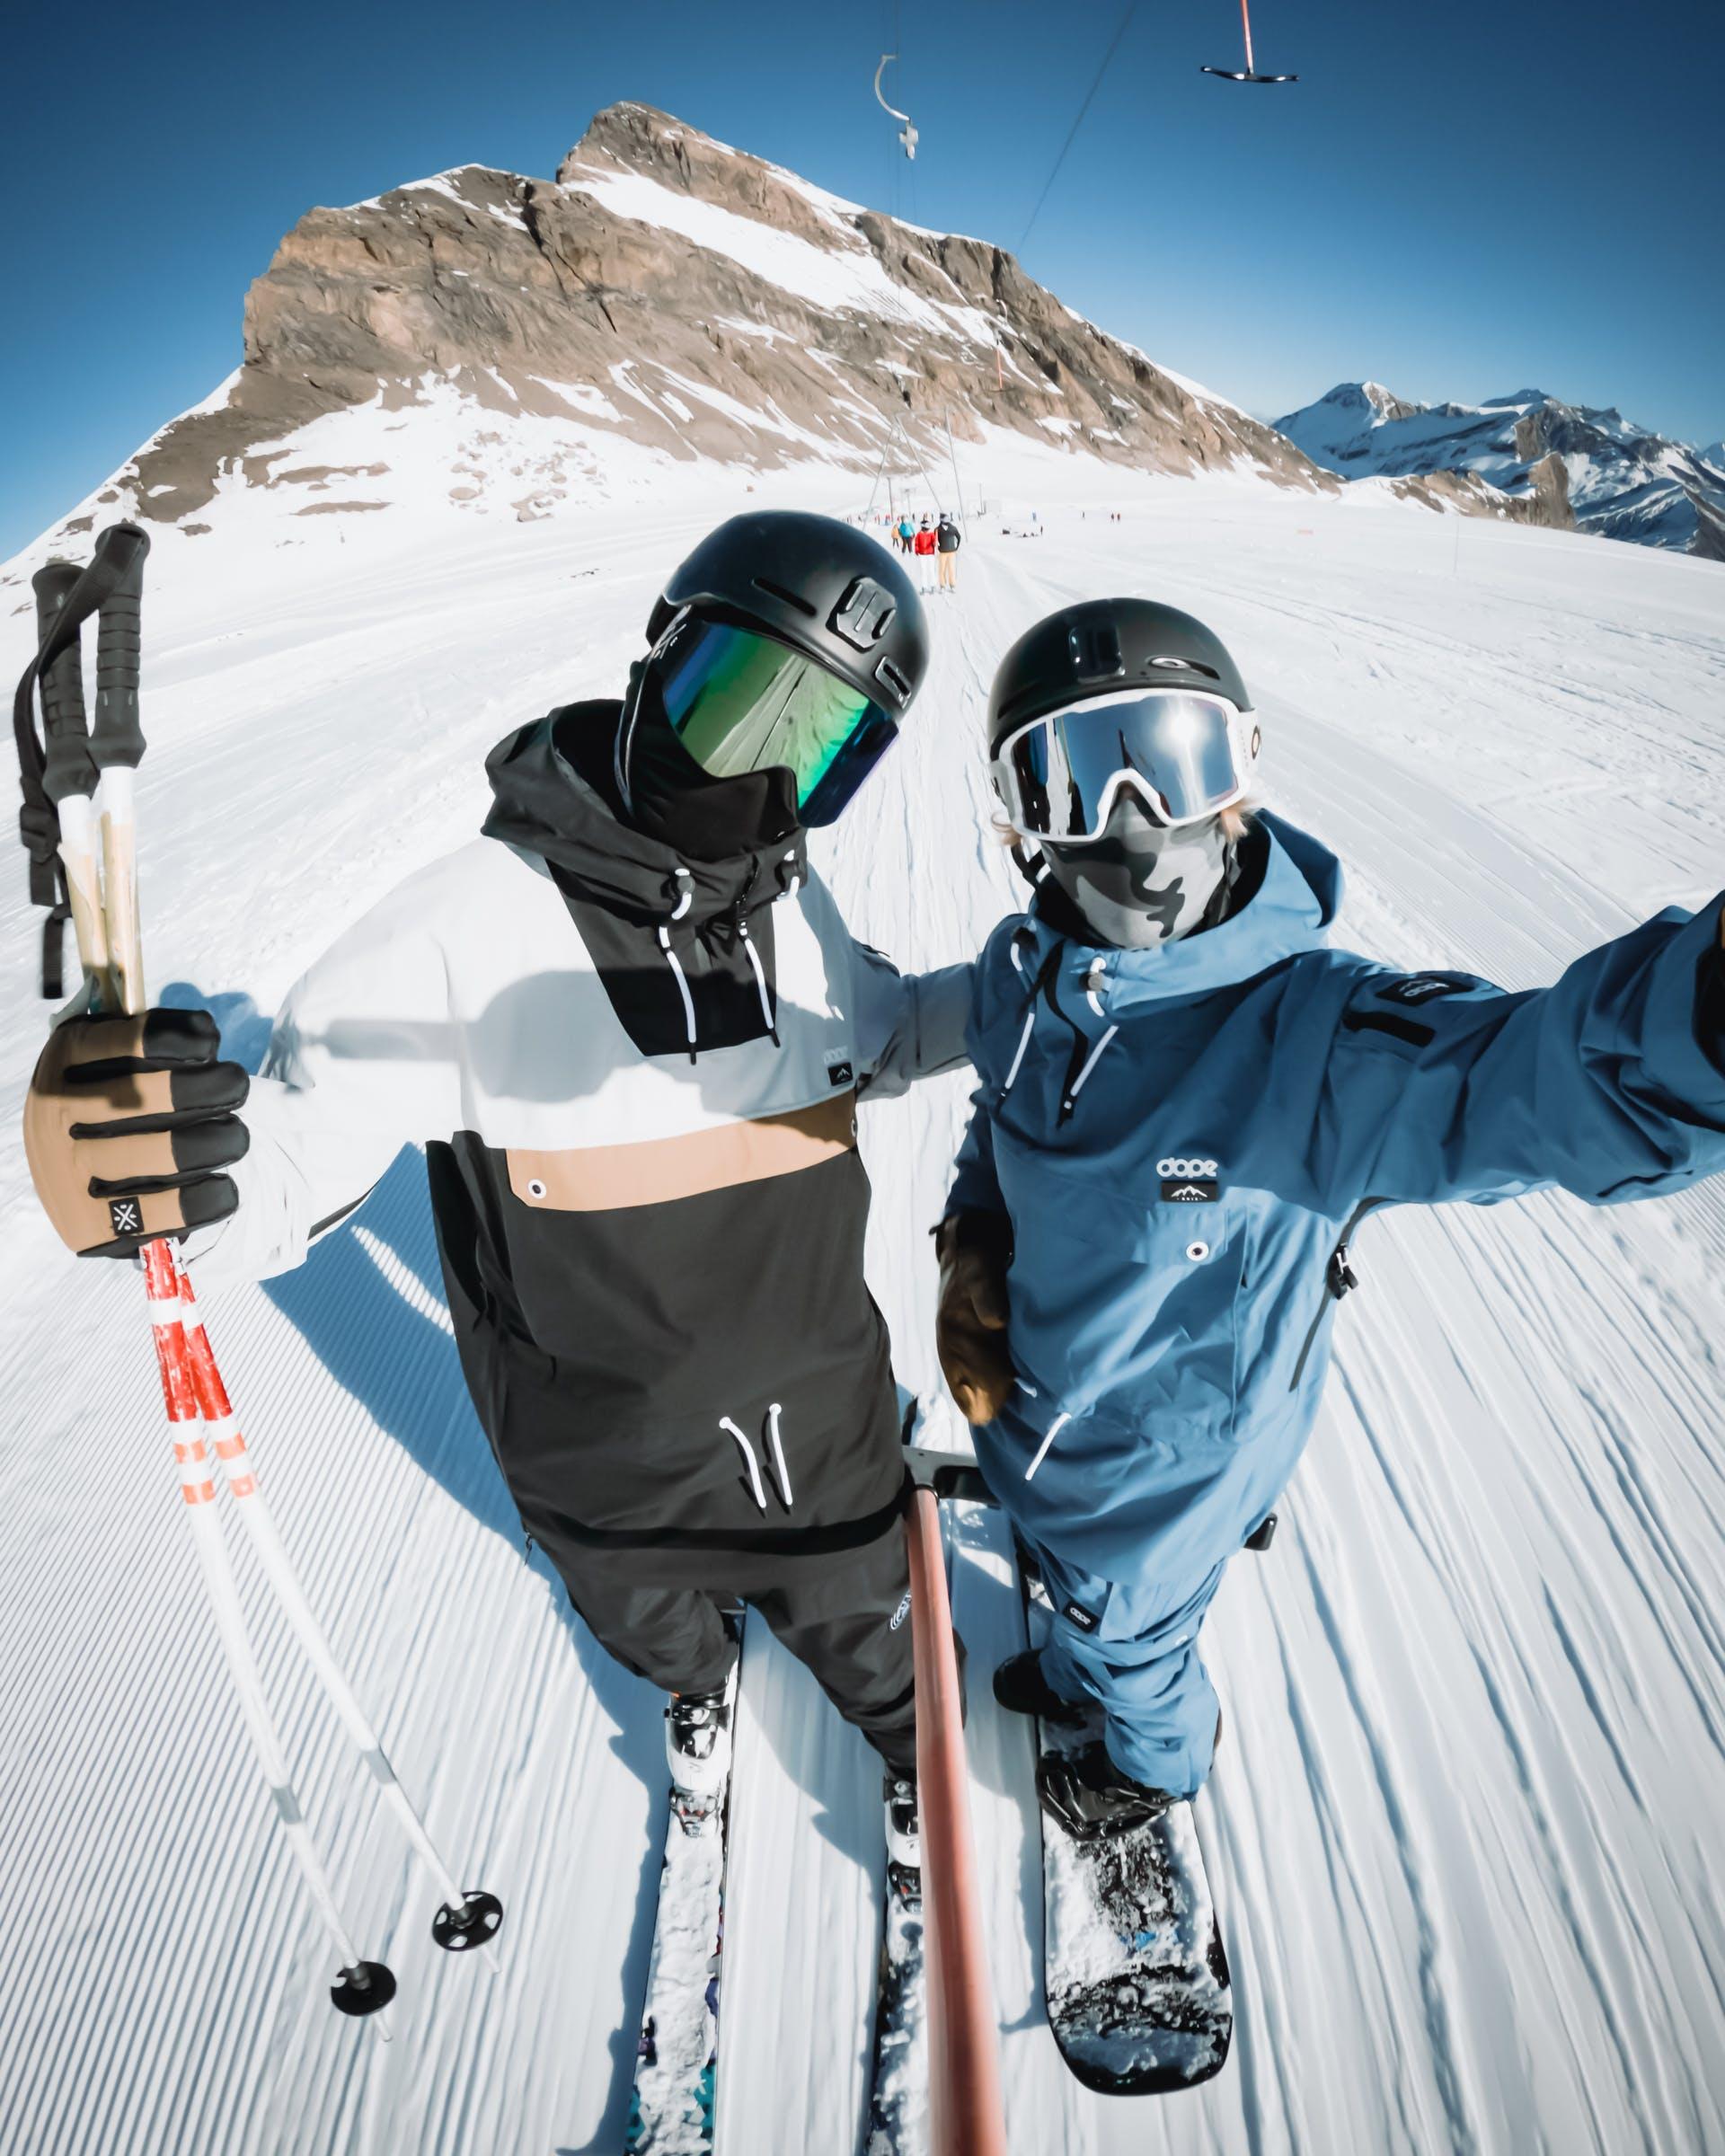 idee regalo per sciatori e snowboarder